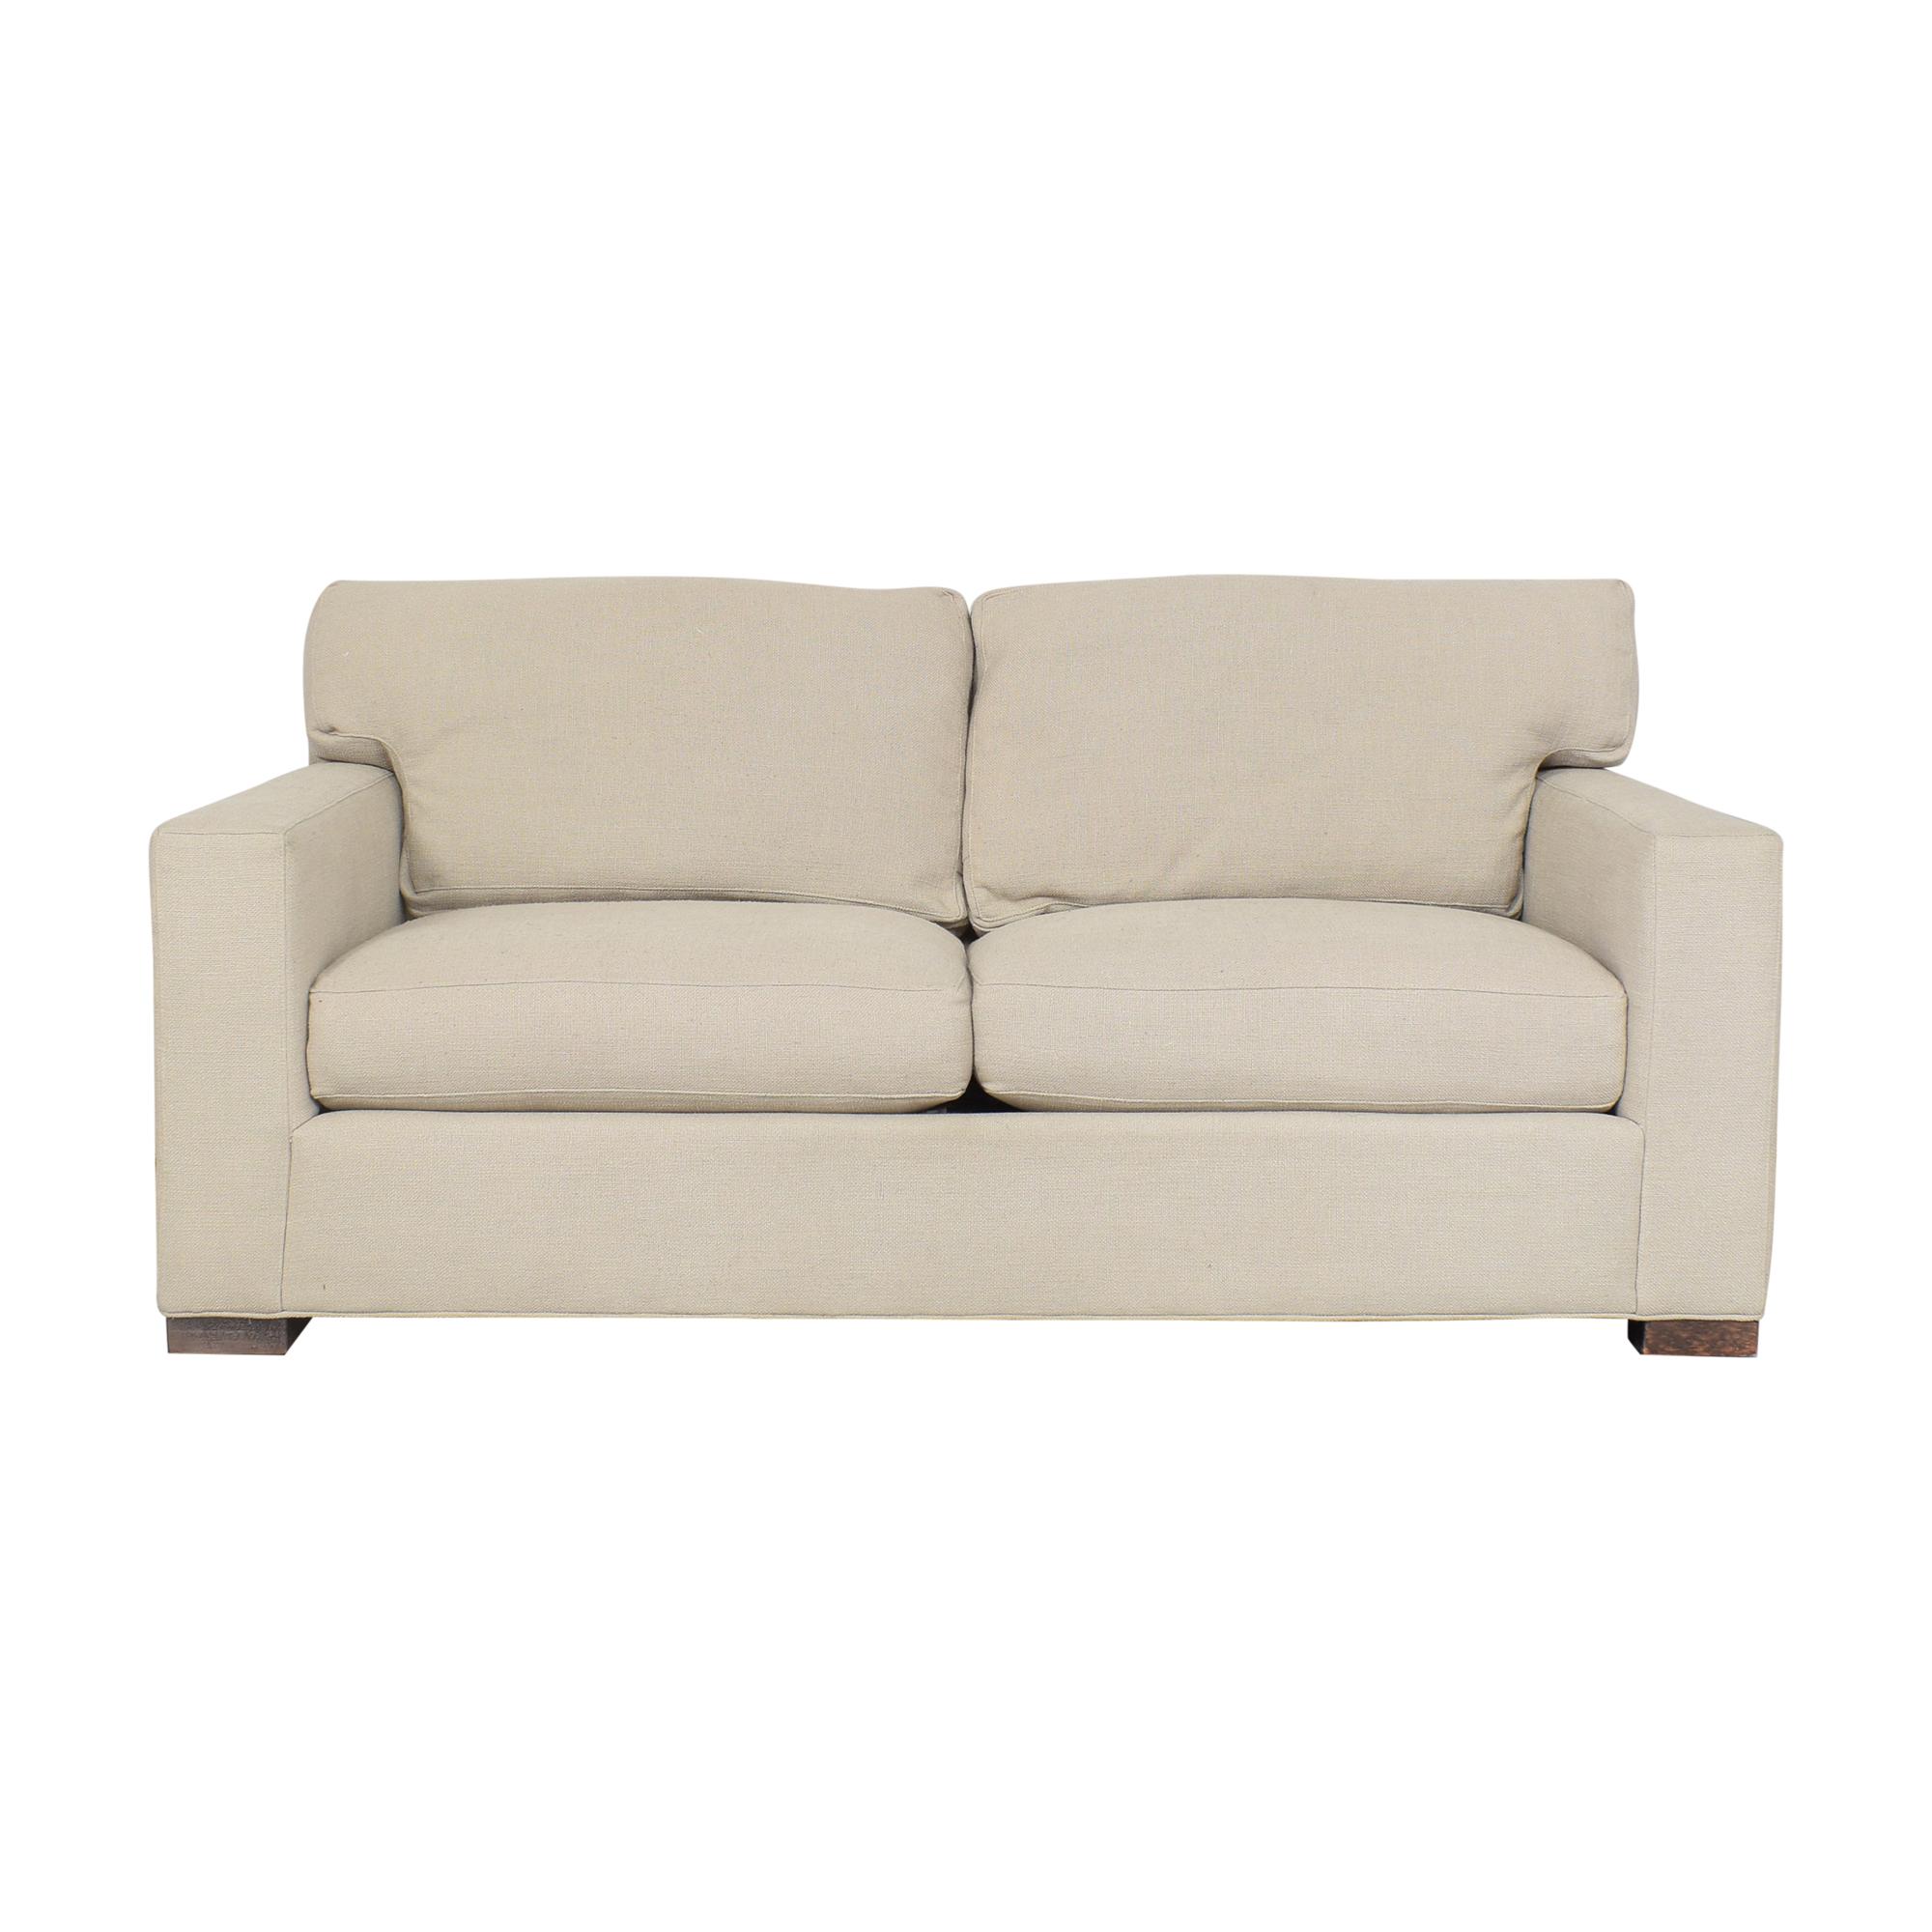 Crate & Barrel Axis Apartment Sofa sale